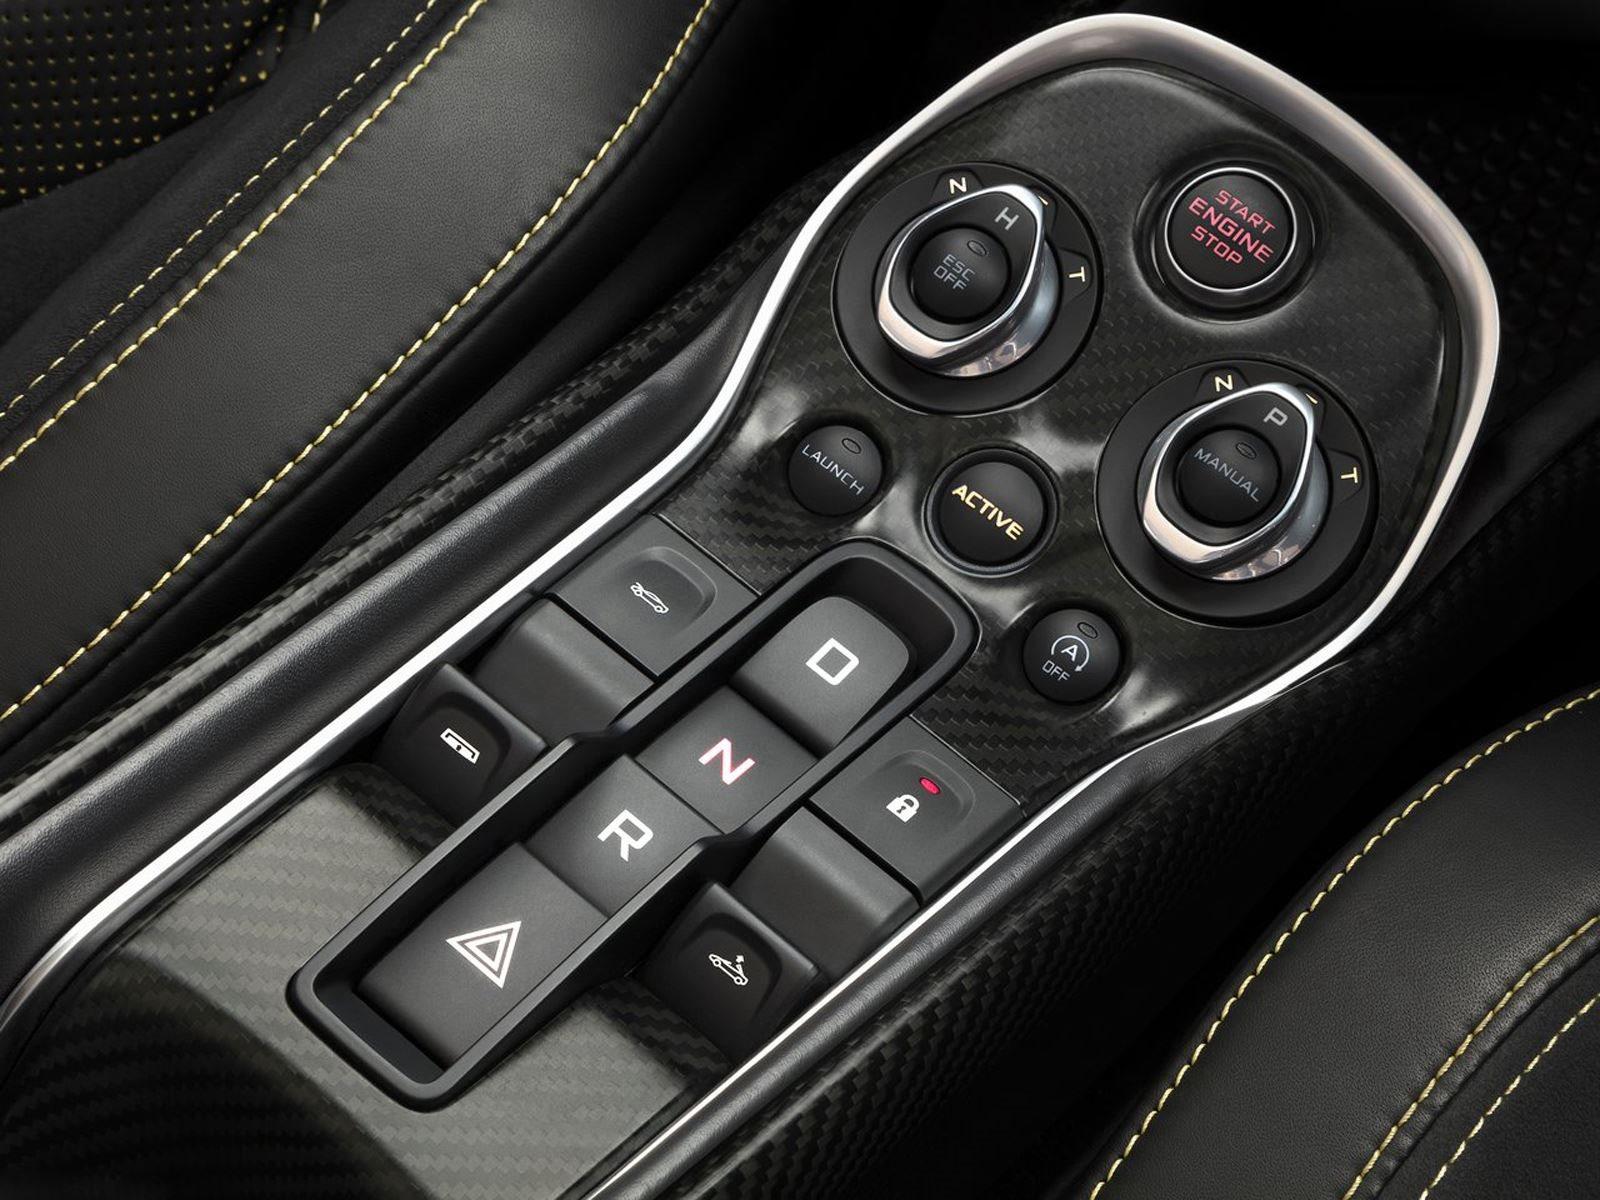 Под капотом ничего не поменялось, привычный 3,8-литровый твин турбо V8 с 562 л.с. и 600 Нм крутящего момента соединен с семиступенчатой автоматической коробкой передач.